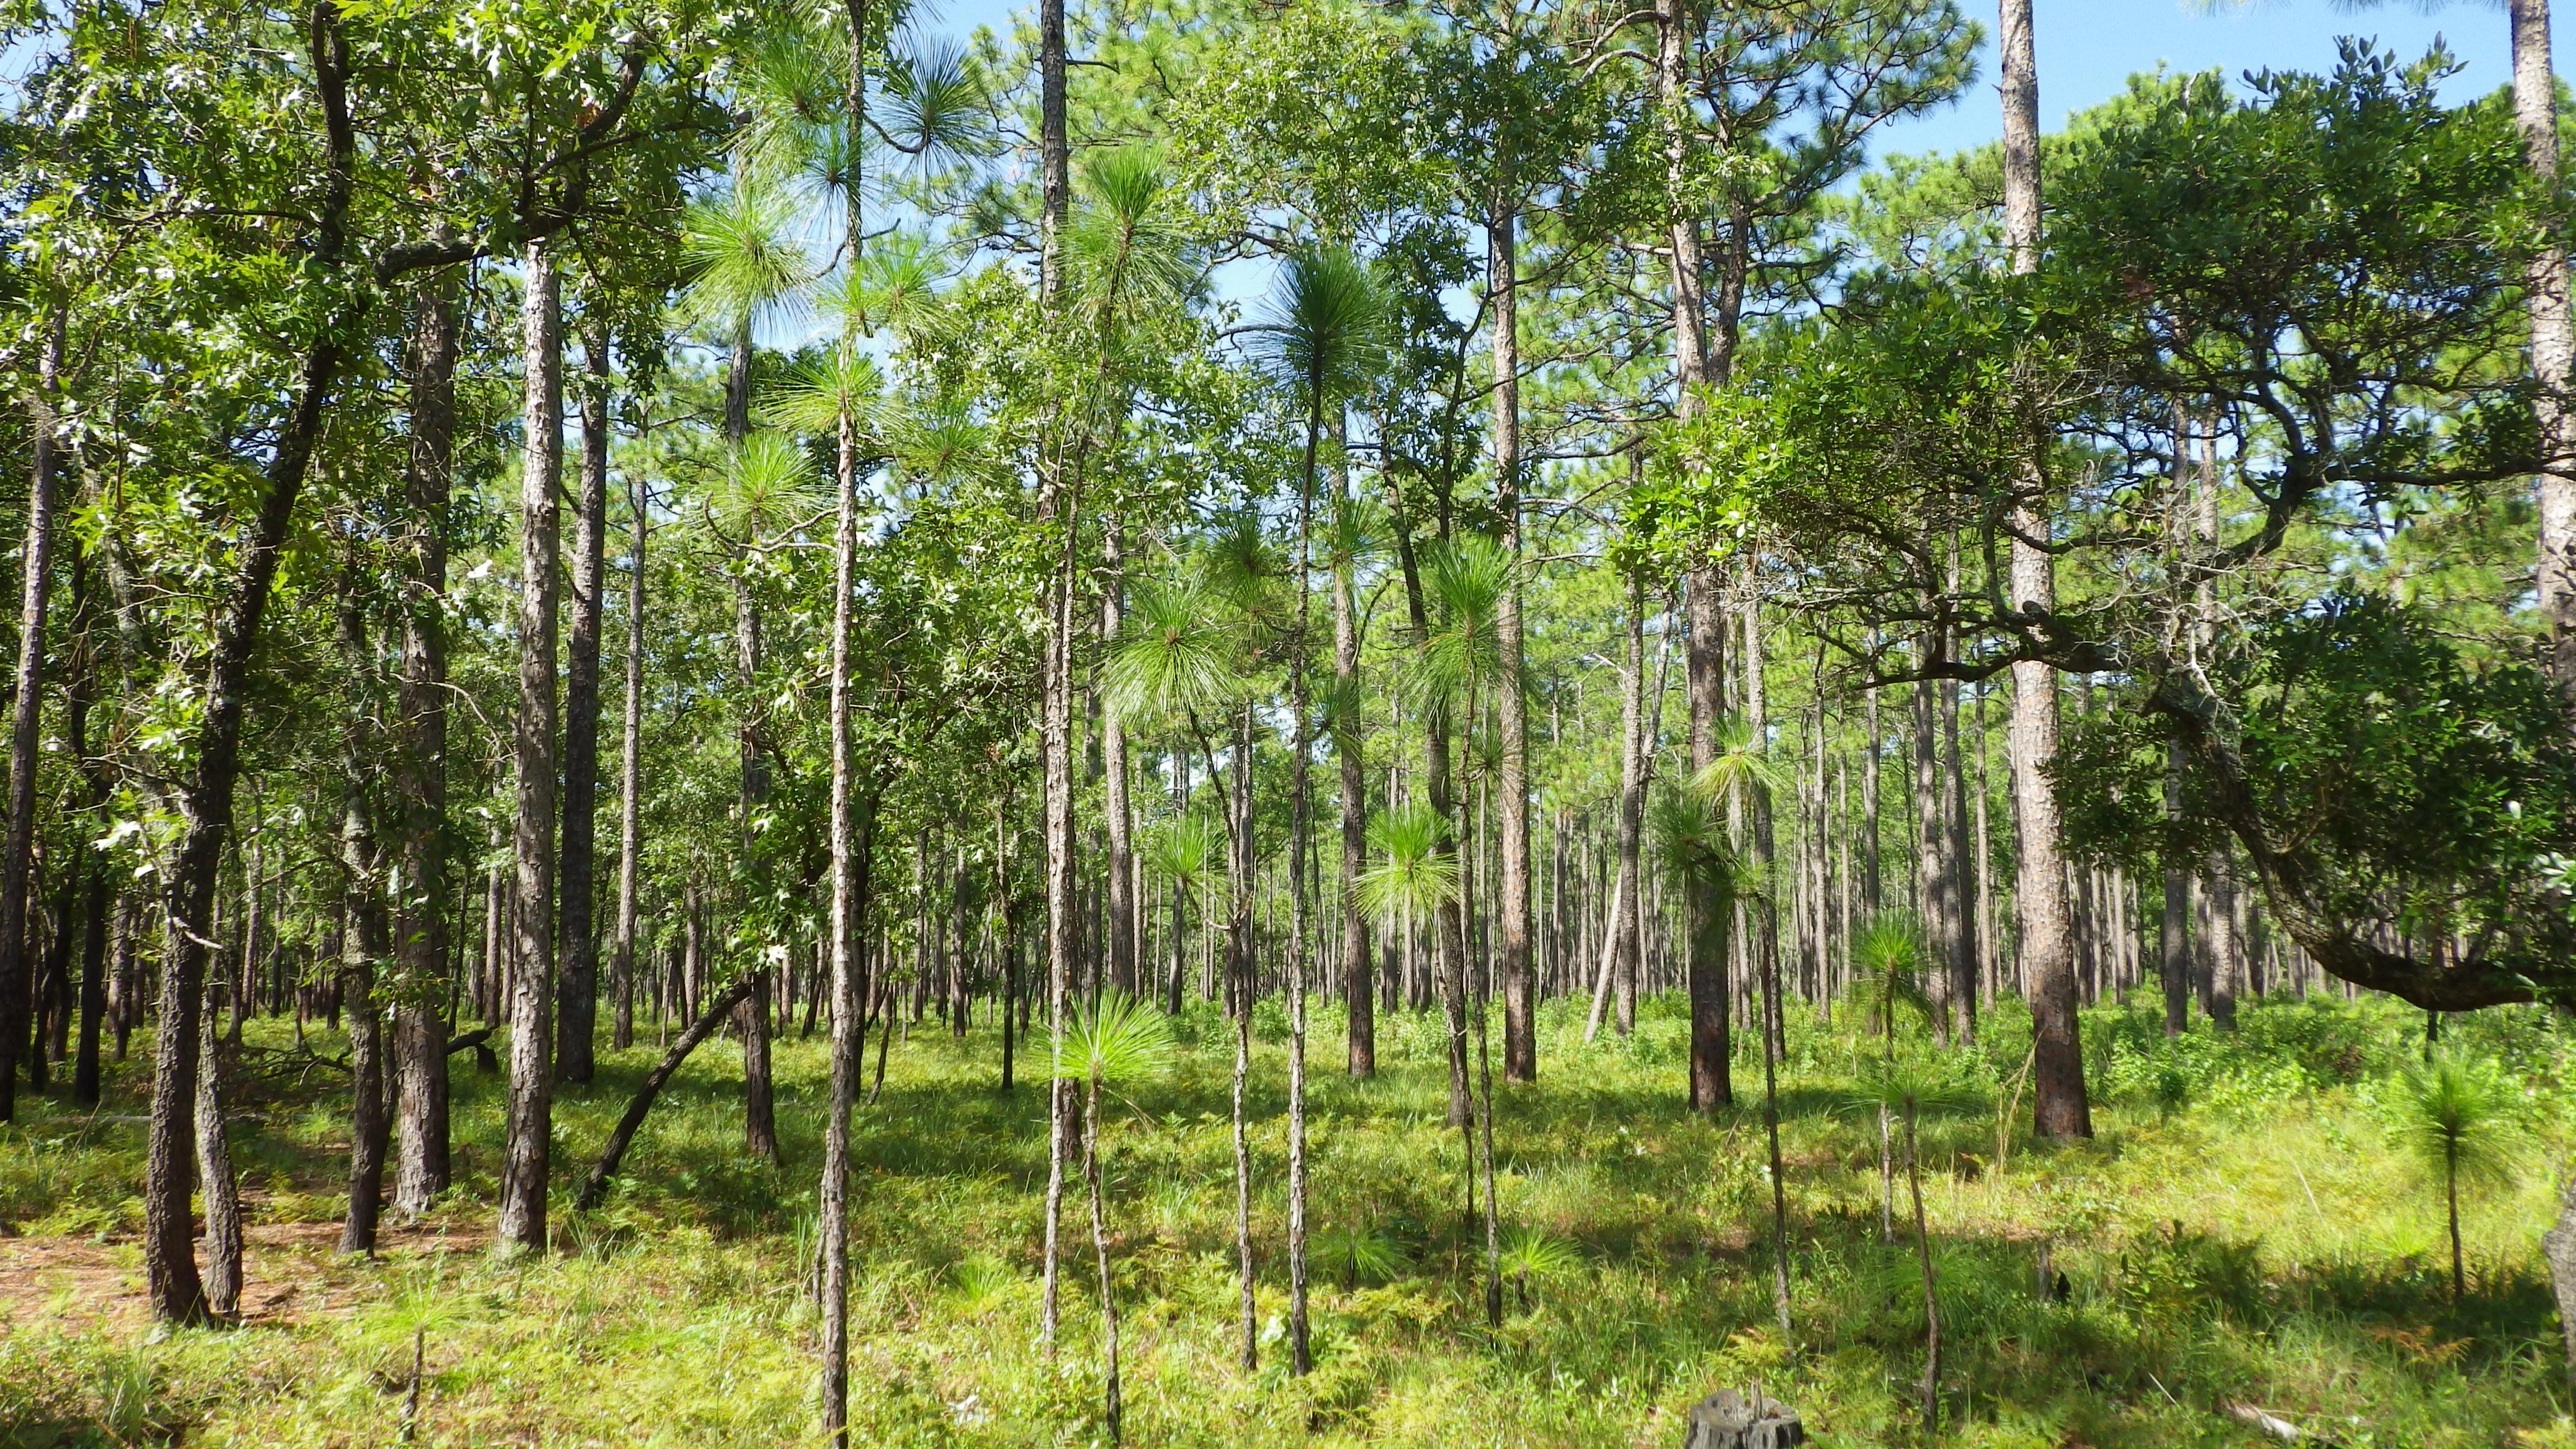 Longleaf saplings